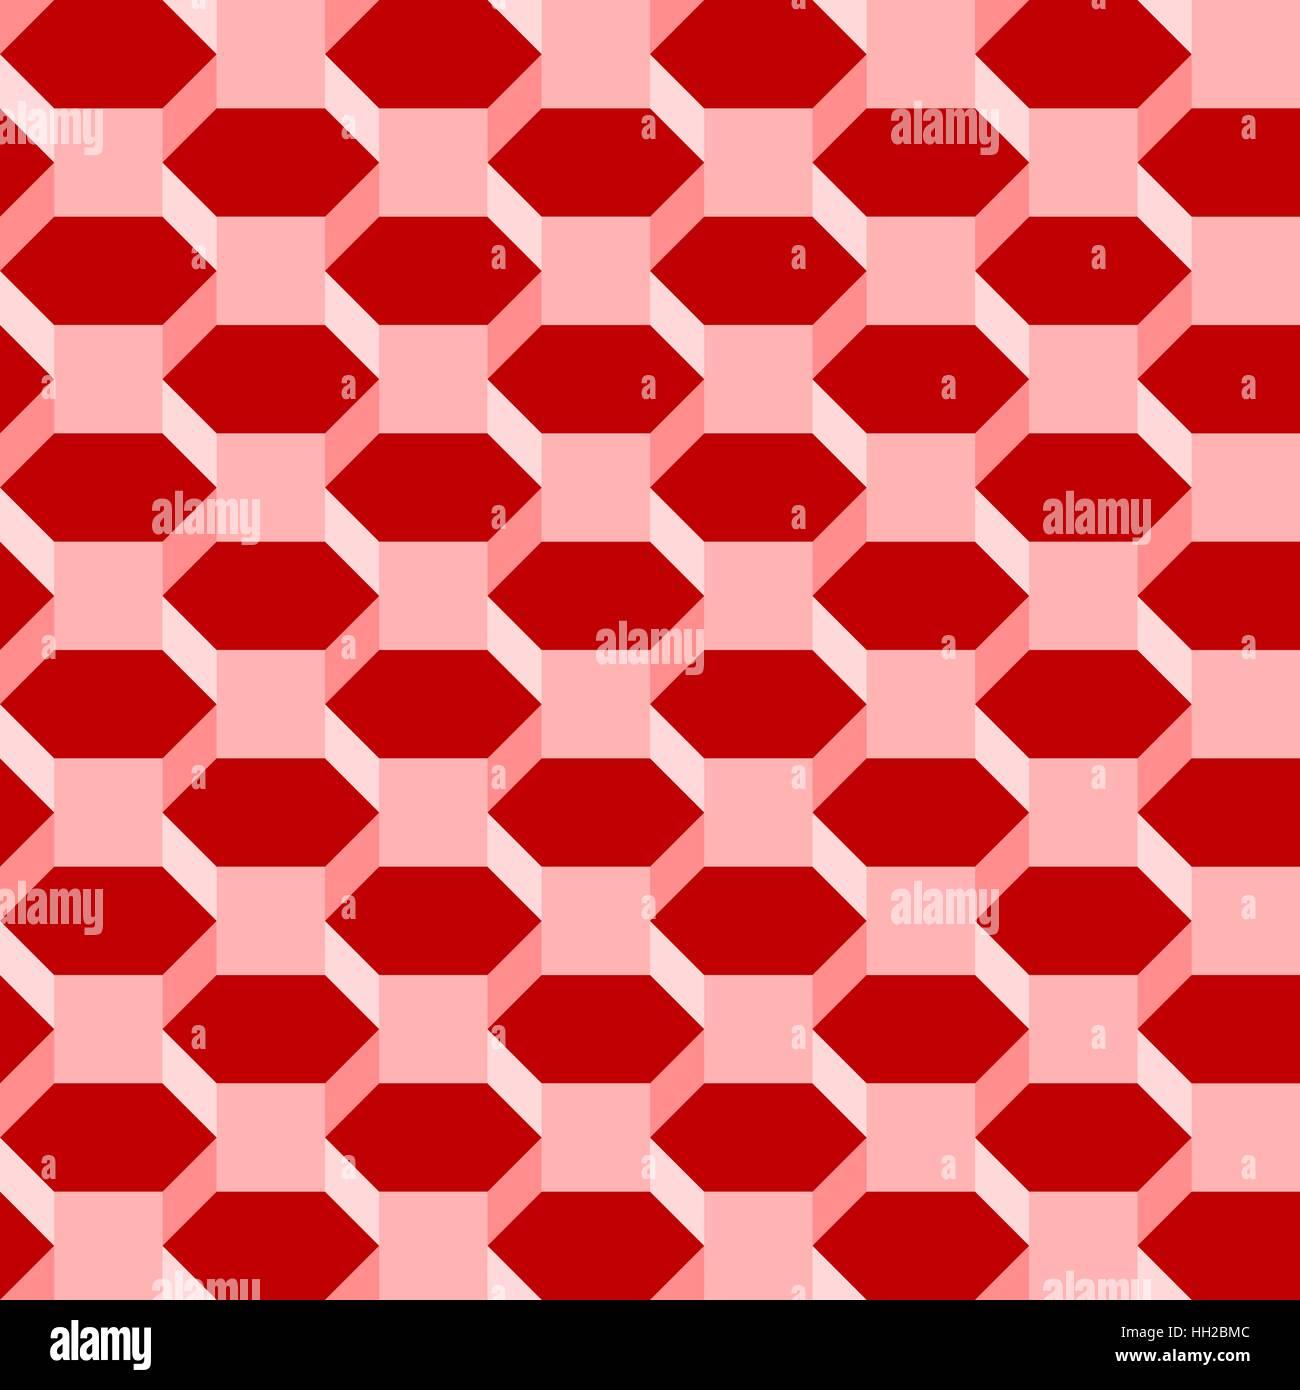 Hexagone Isometrique Modele Geometrique 3d Modifiable Sans Resume